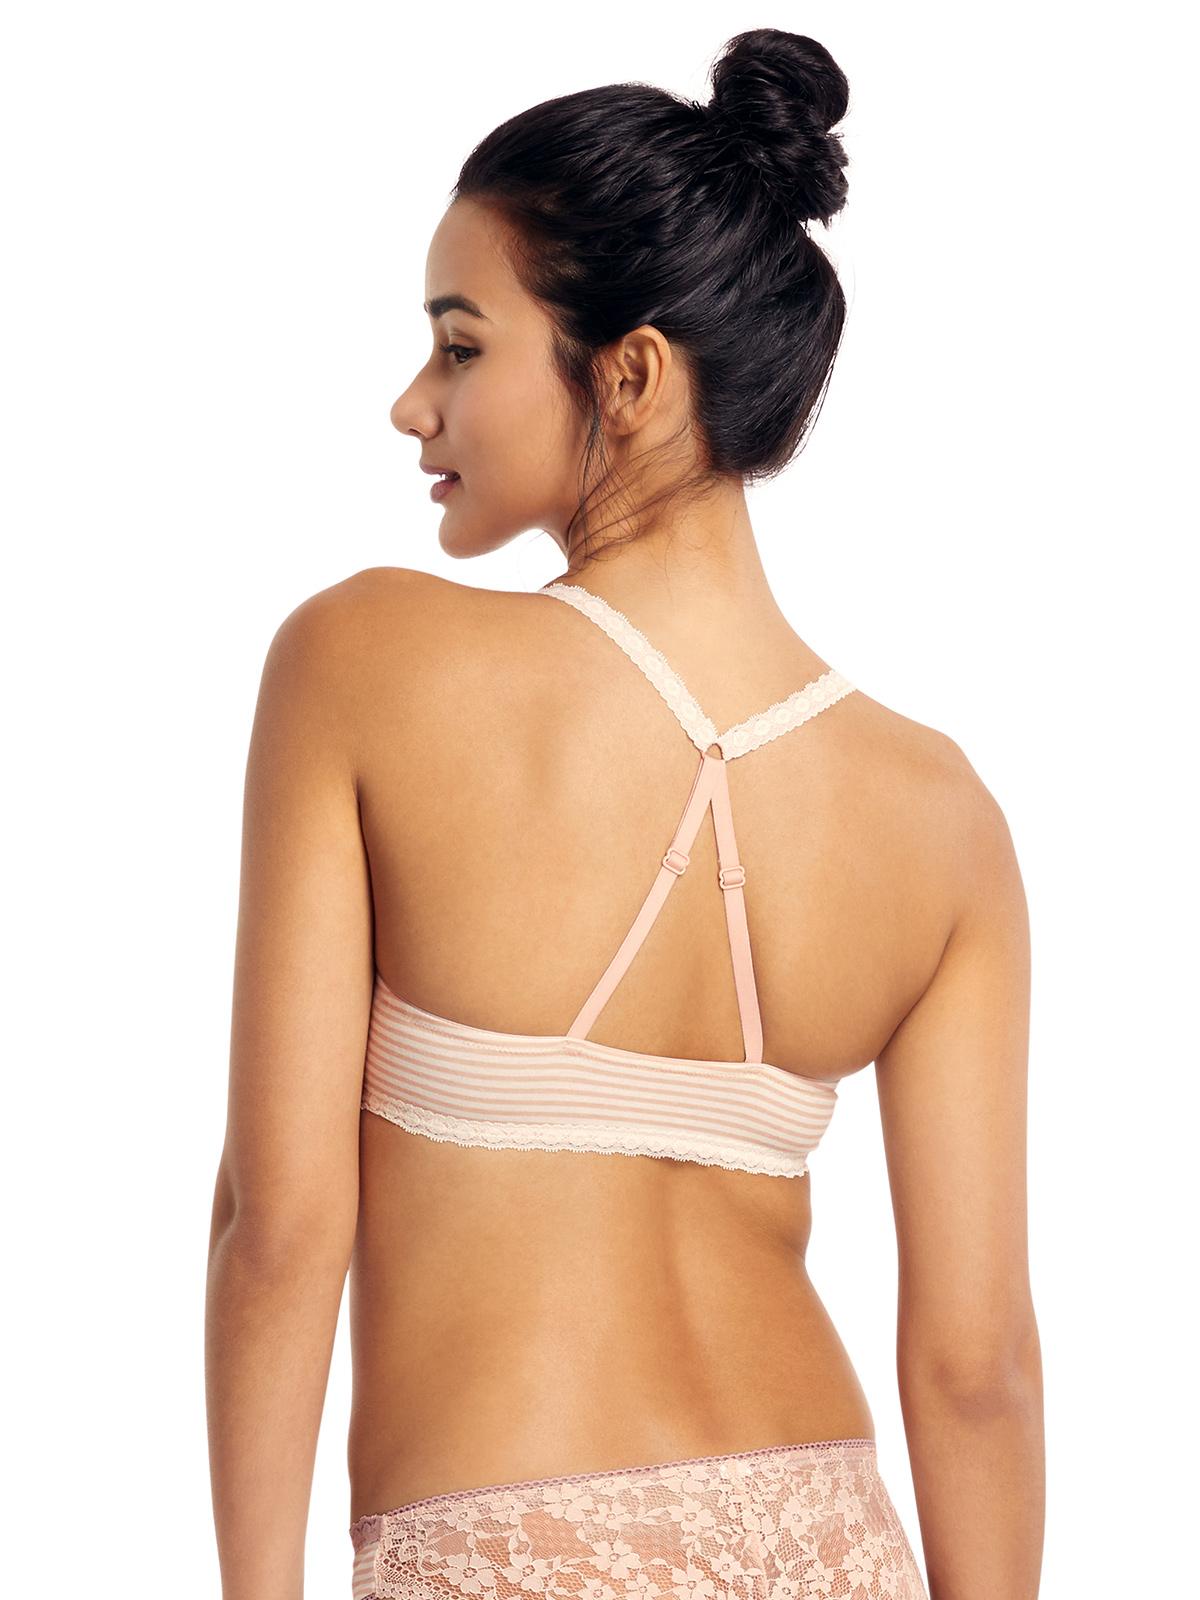 間條交叉肩帶中厚胸墊3/4罩杯胸罩